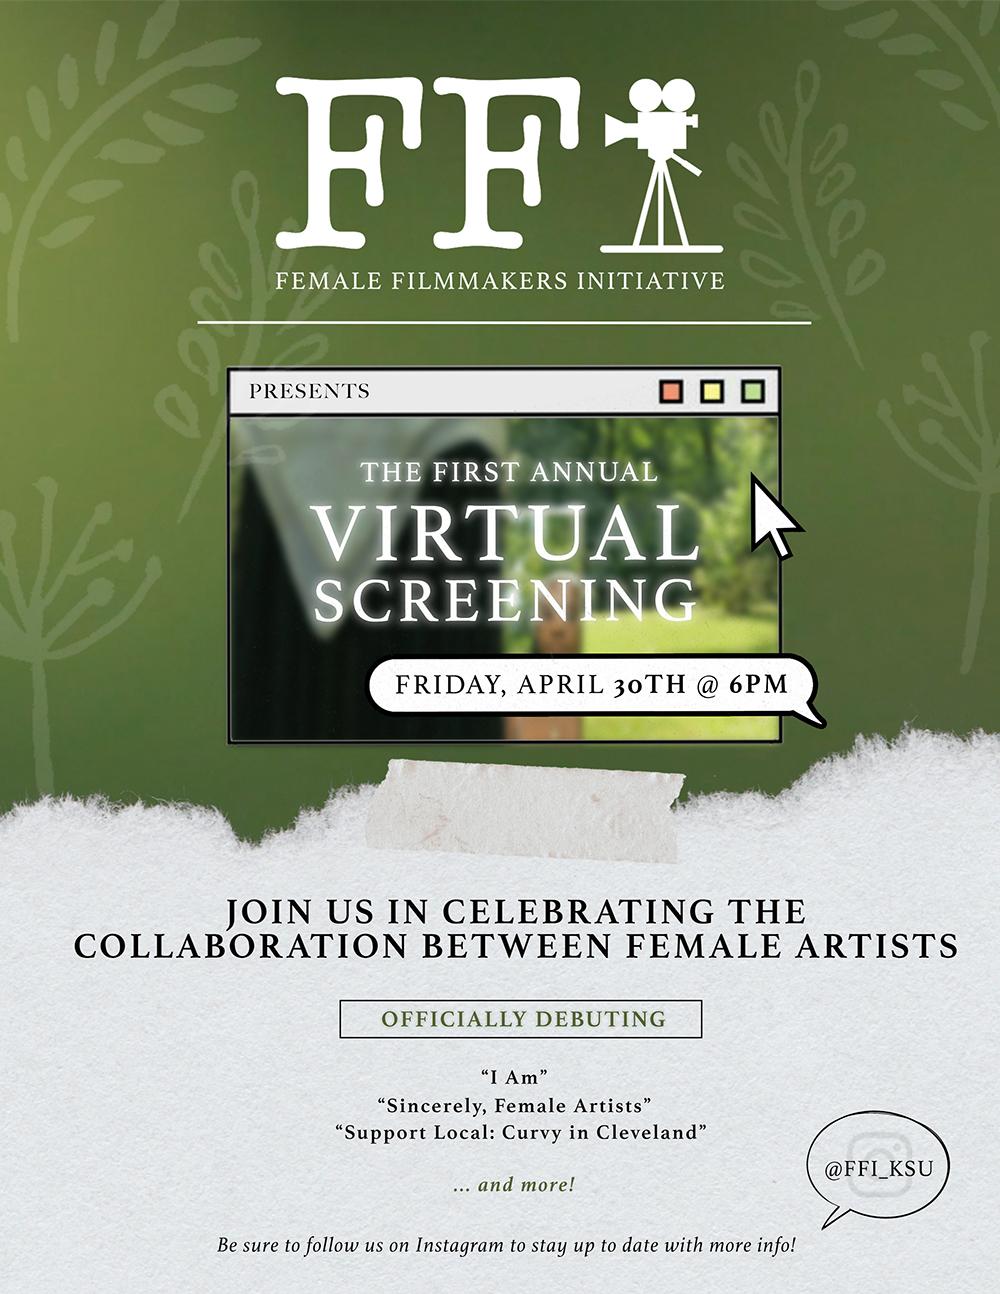 FFI Flyer